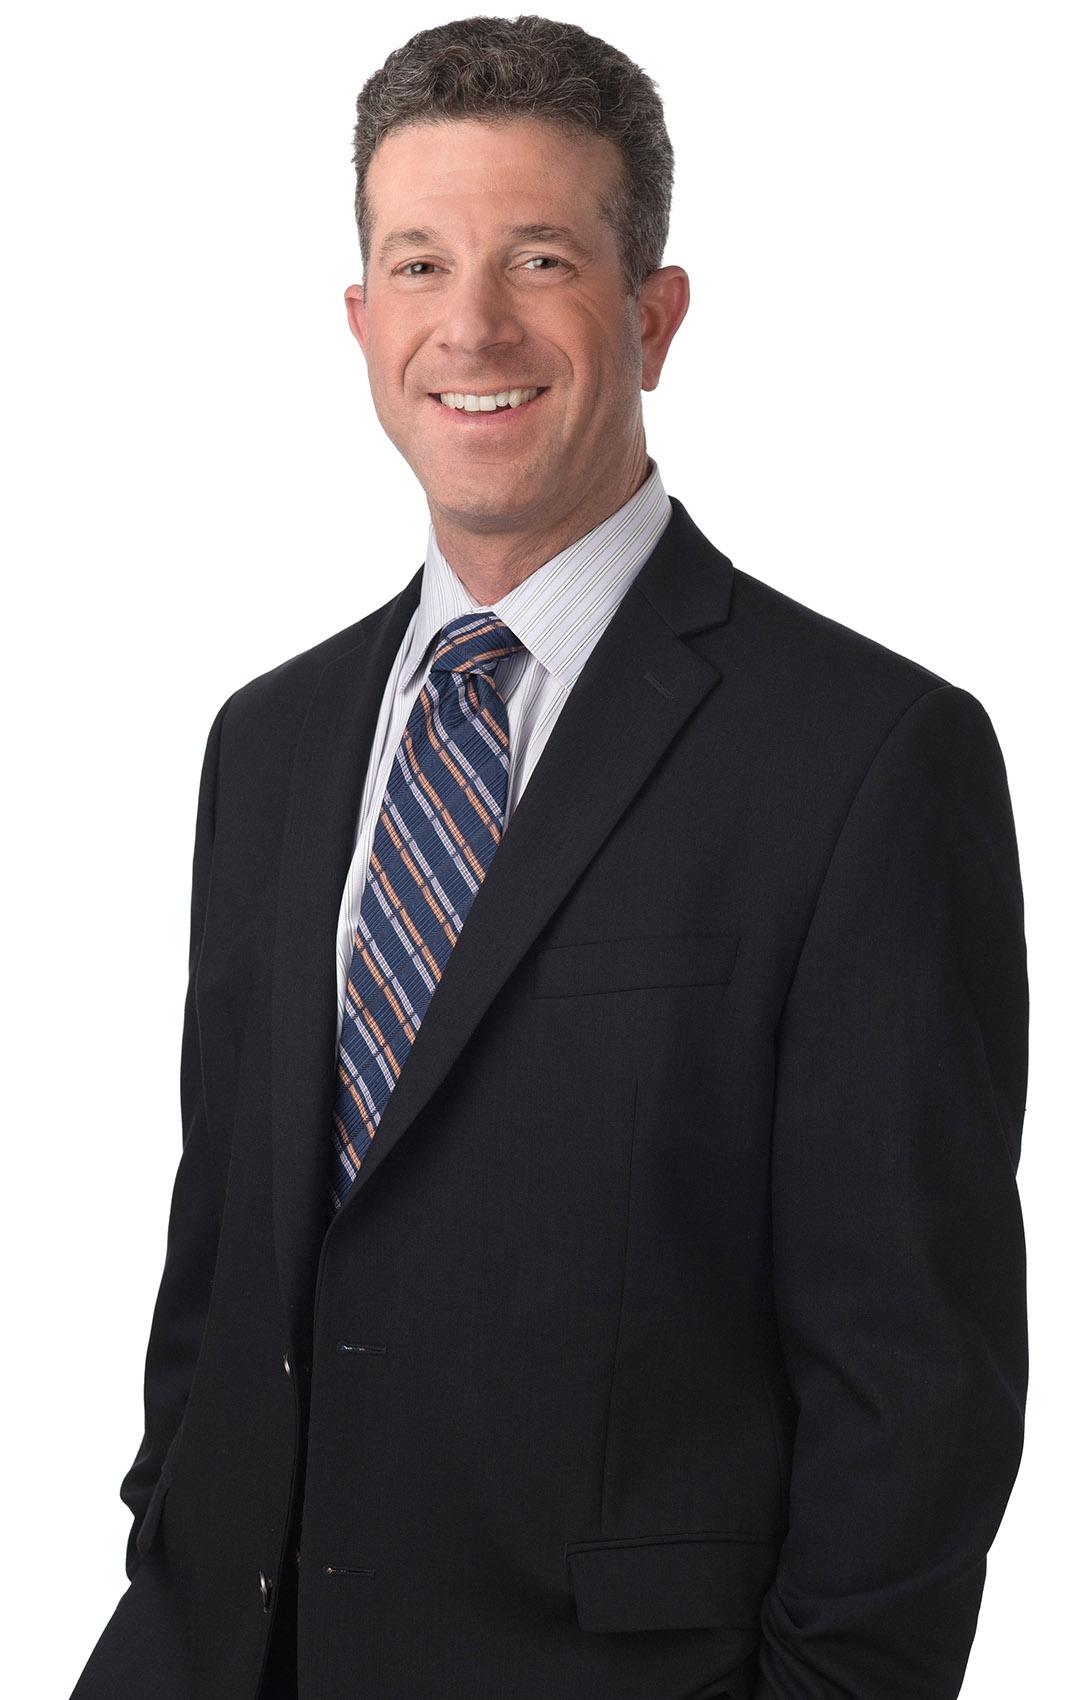 Andrew Litvak